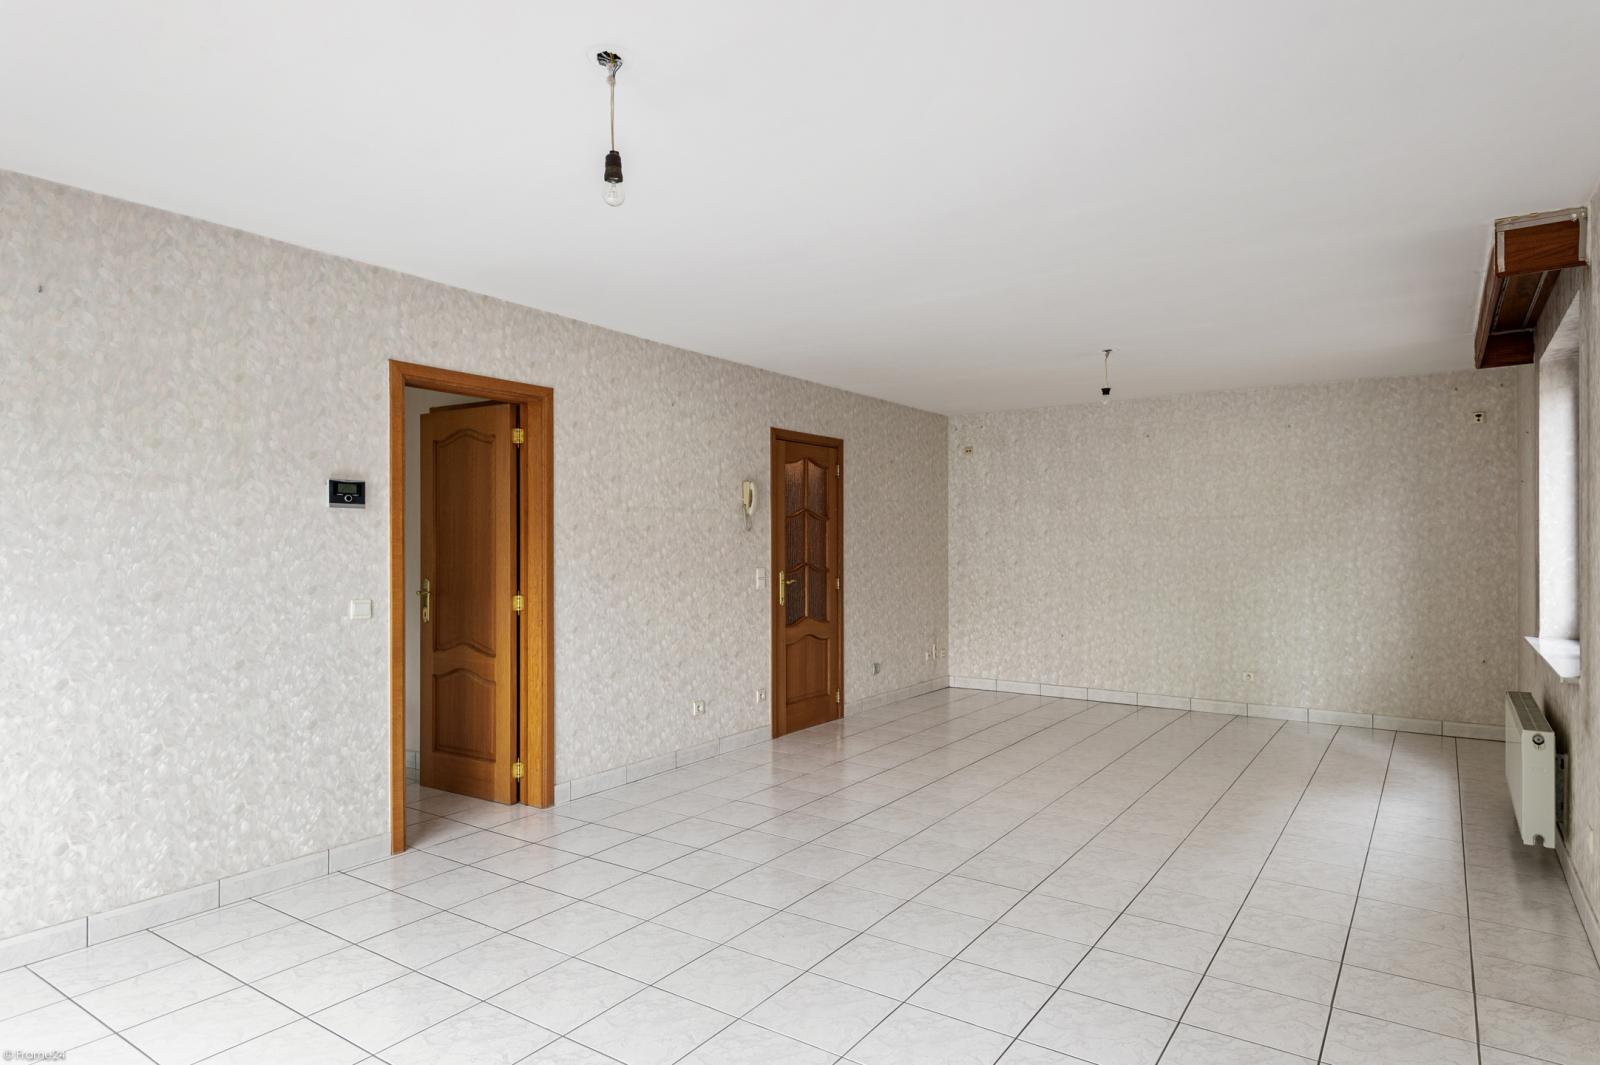 Zeer verzorgd en ruim gelijkvloers appartement (+/- 100m²) met tuin nabij het centrum van Schoten! afbeelding 5